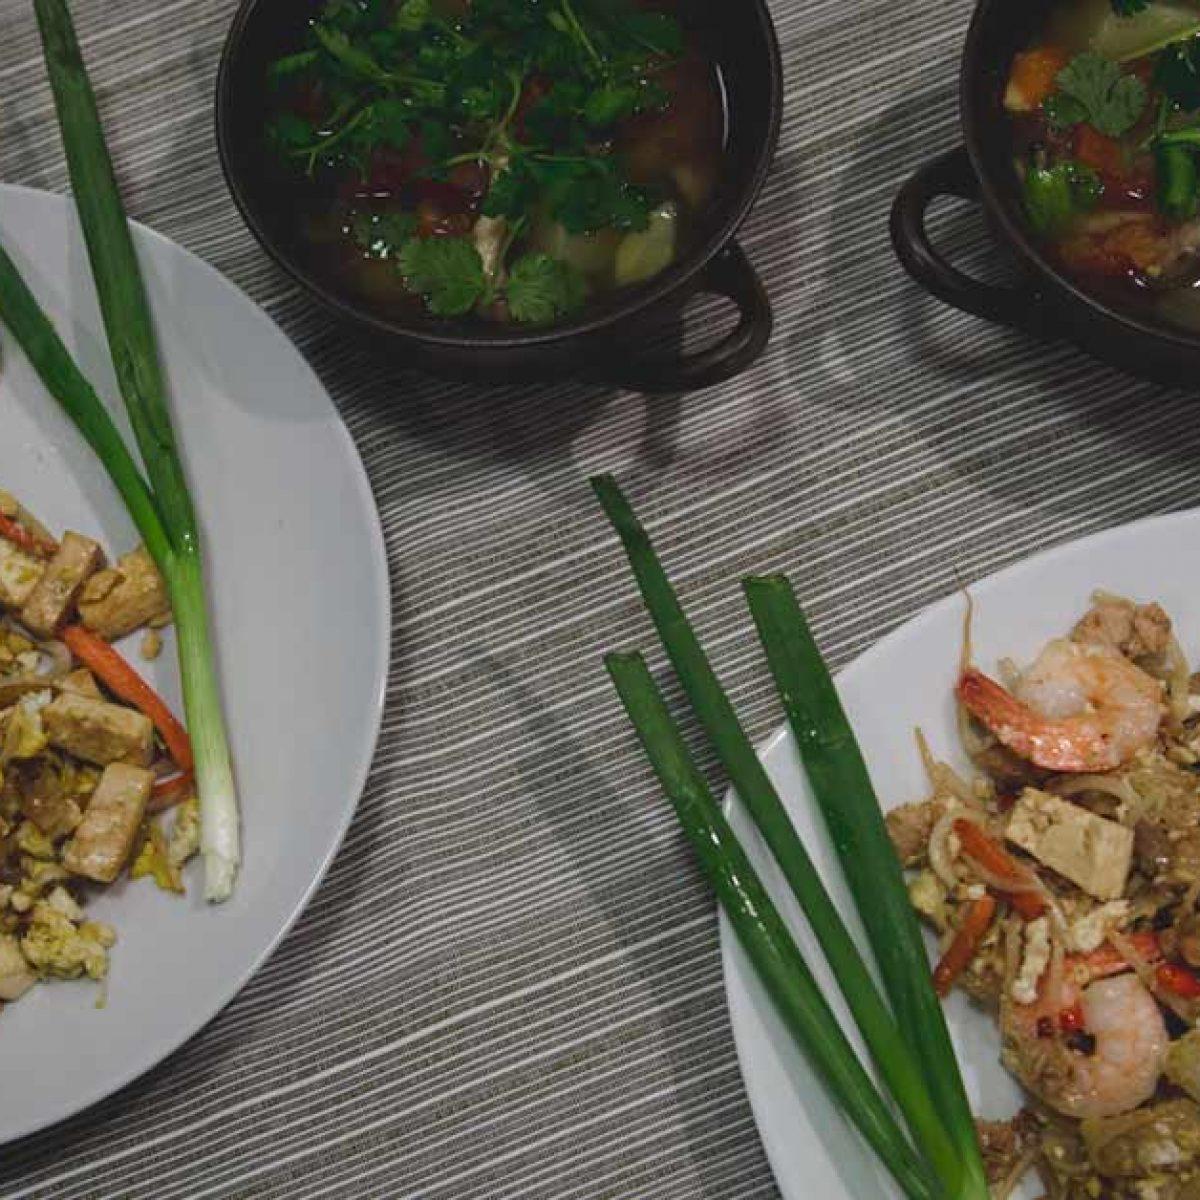 Stojące na stole dwie miseczki z zupą Tom Yum oraz dwa talerze z Pad Thai